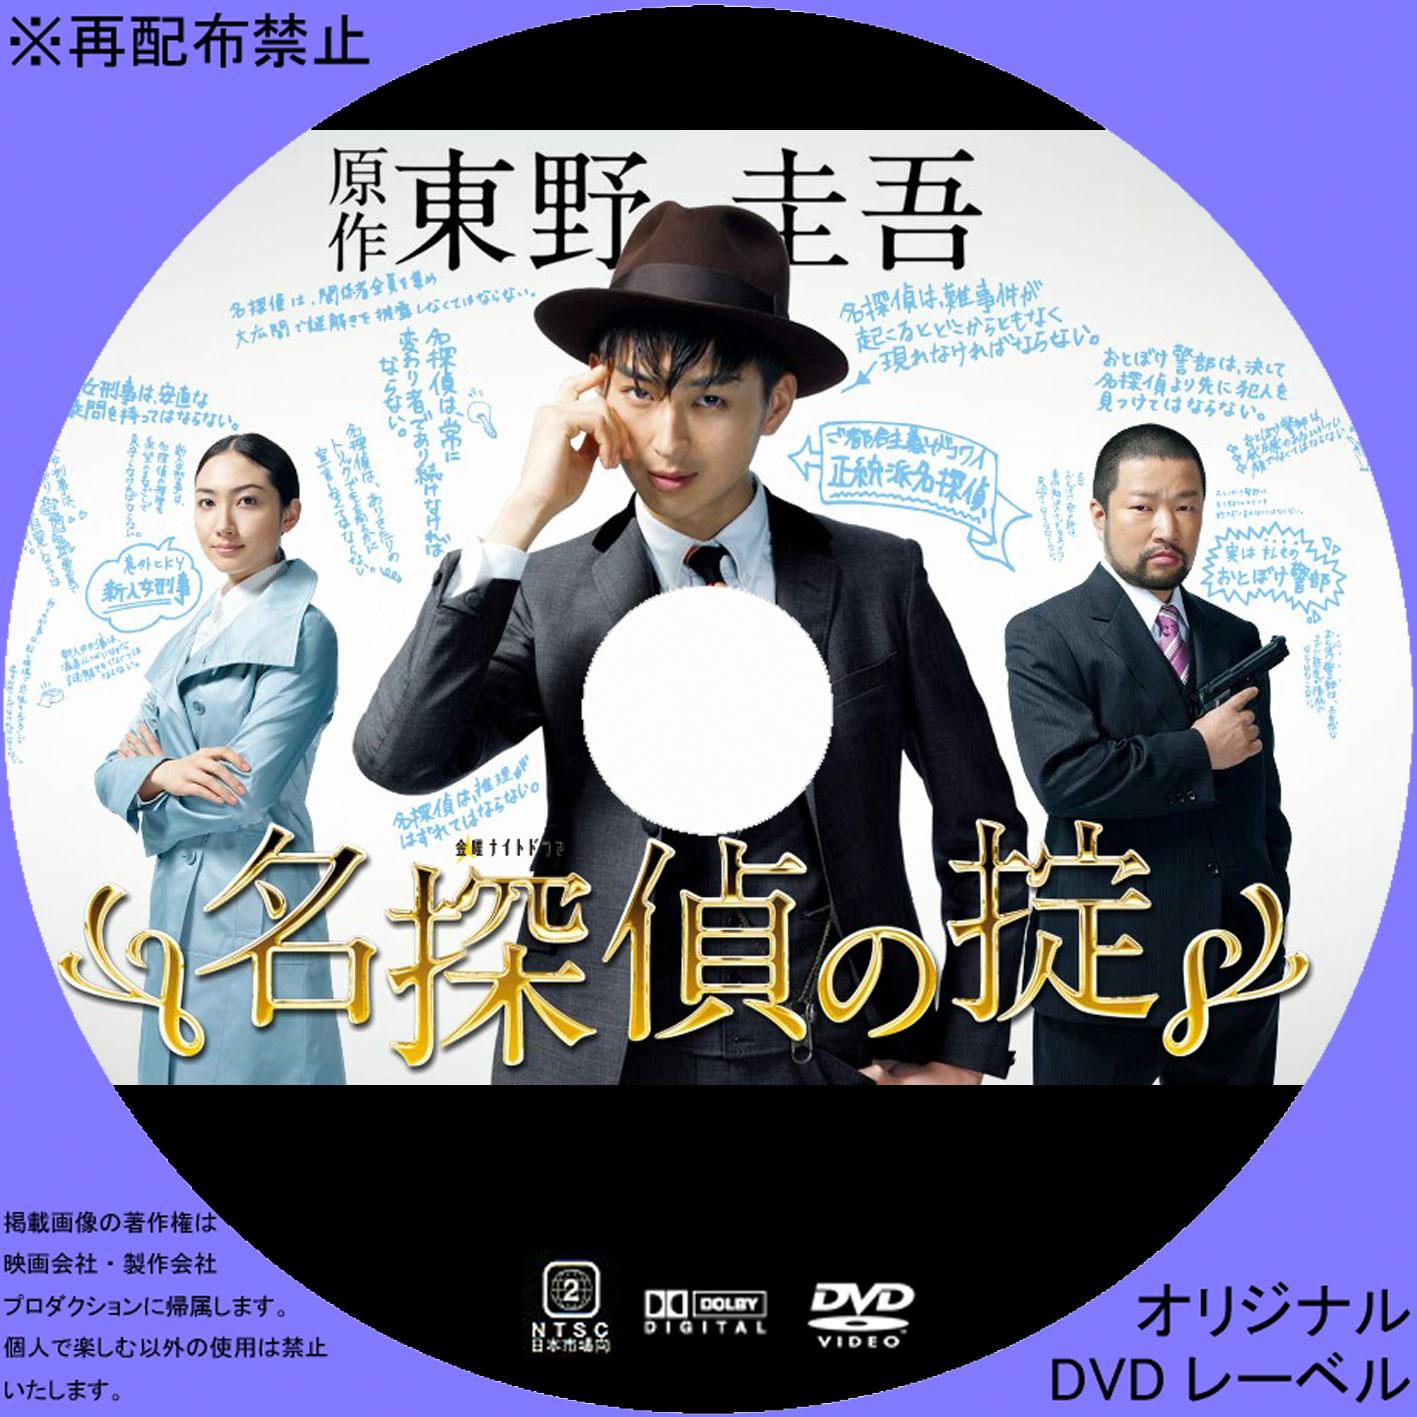 名探偵の掟:DVDレーベル作成:S...